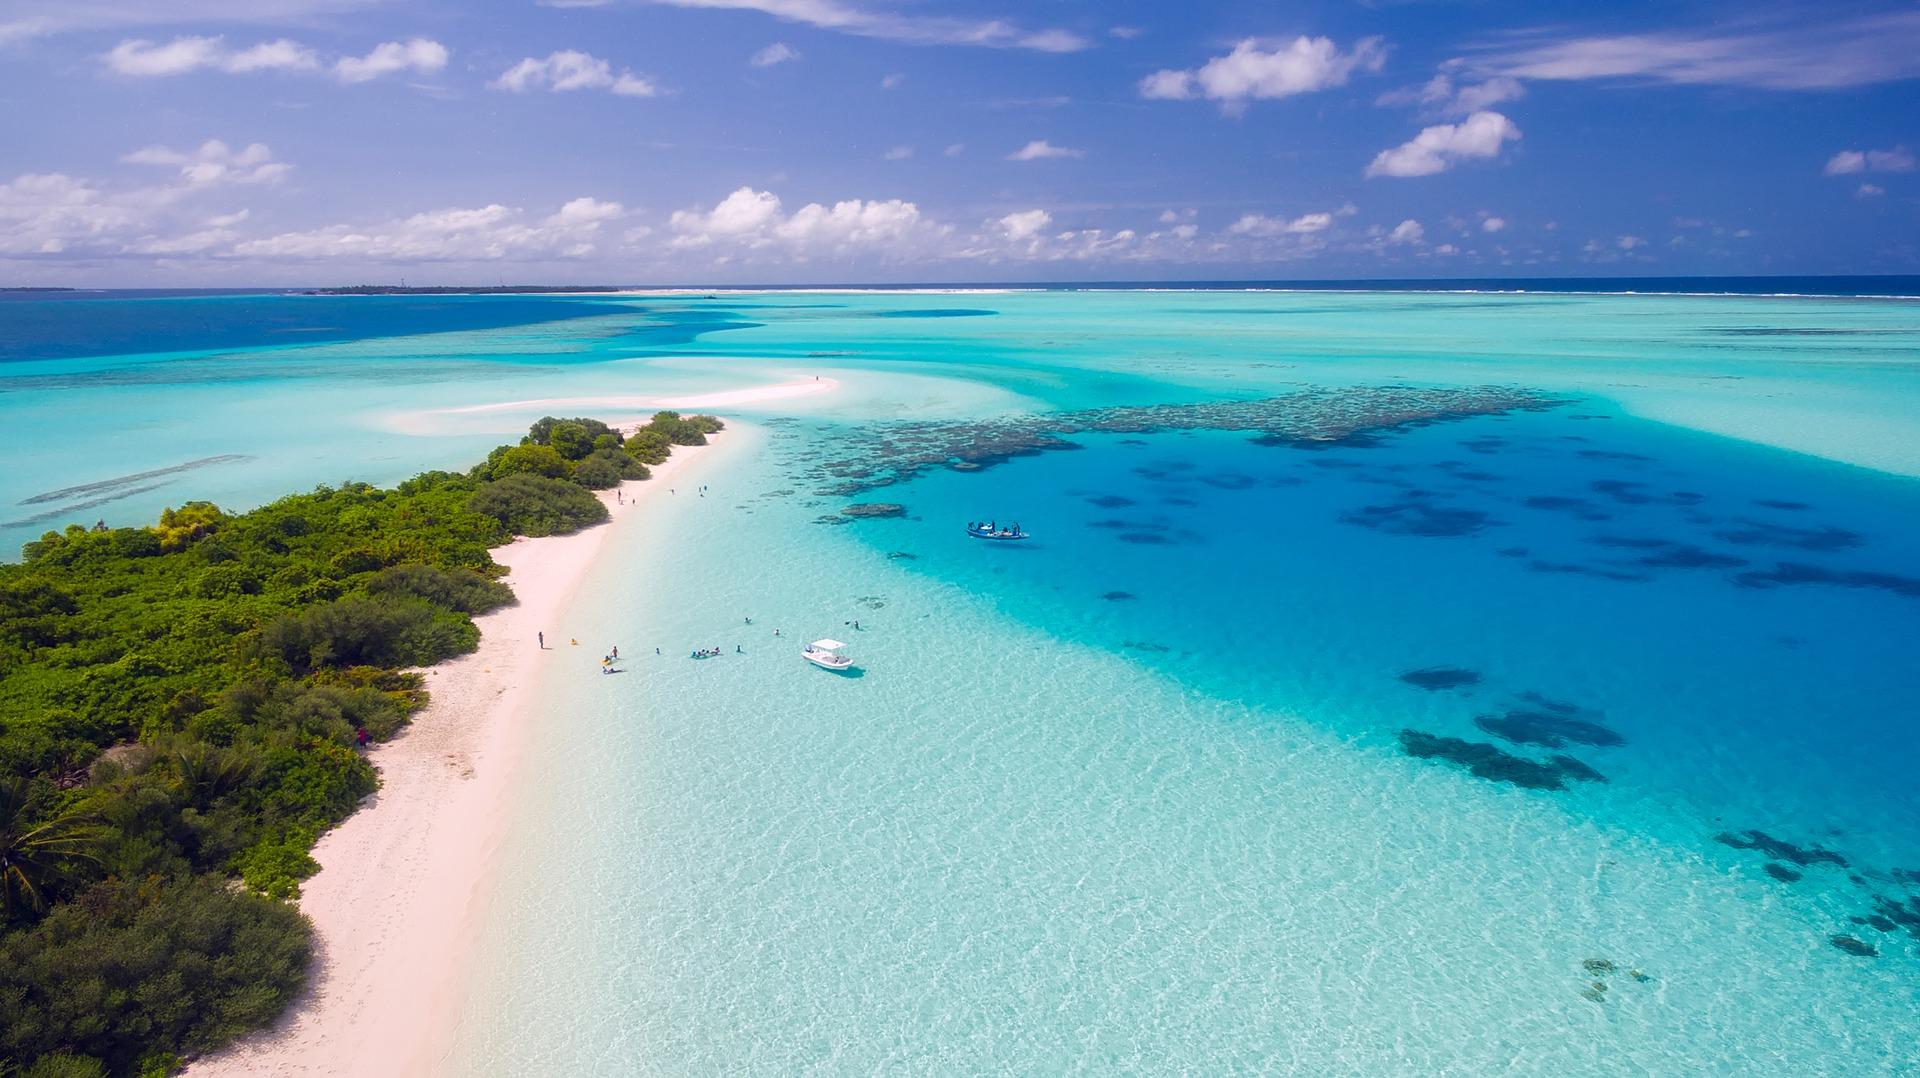 comment choisir sa destination de vacances? 2